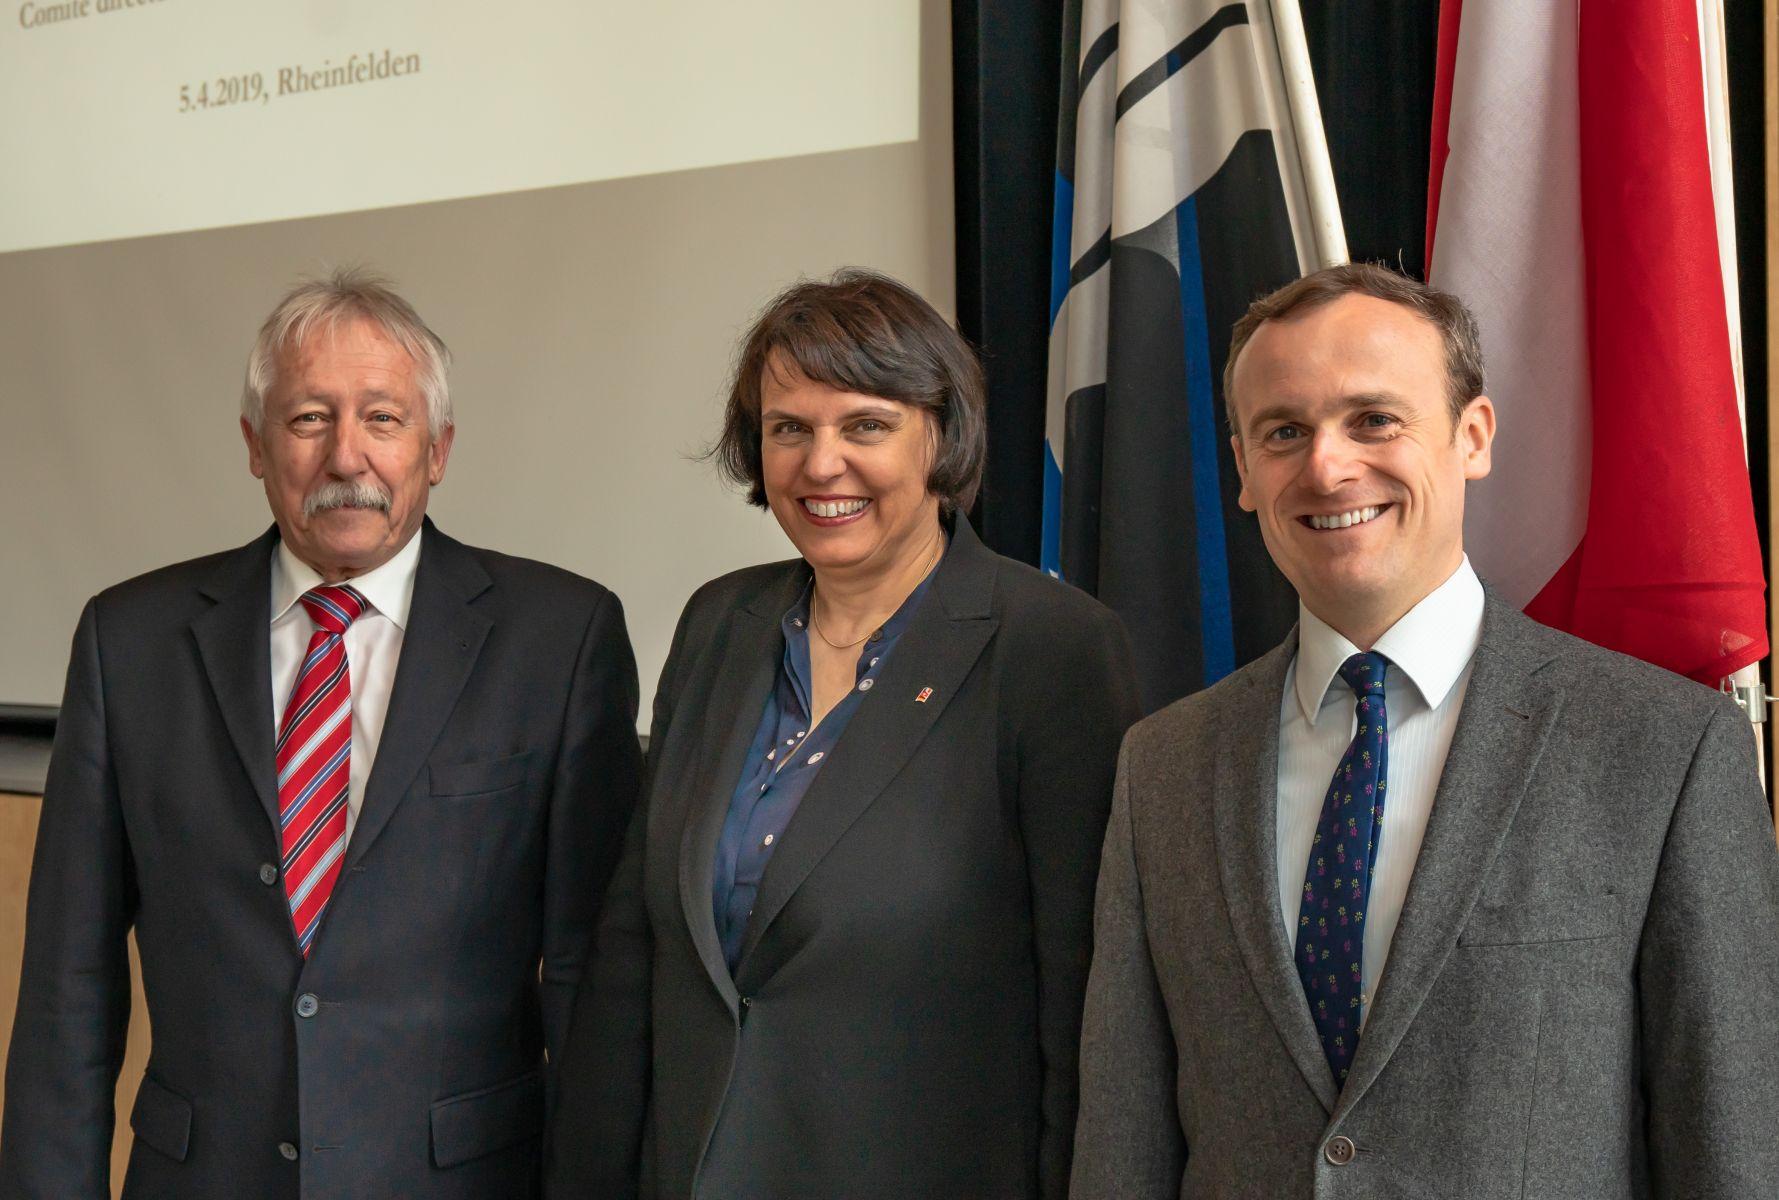 Delegationsleiter ORK Präsidiusm 5.4.2019 in Rheinfelden (CH)